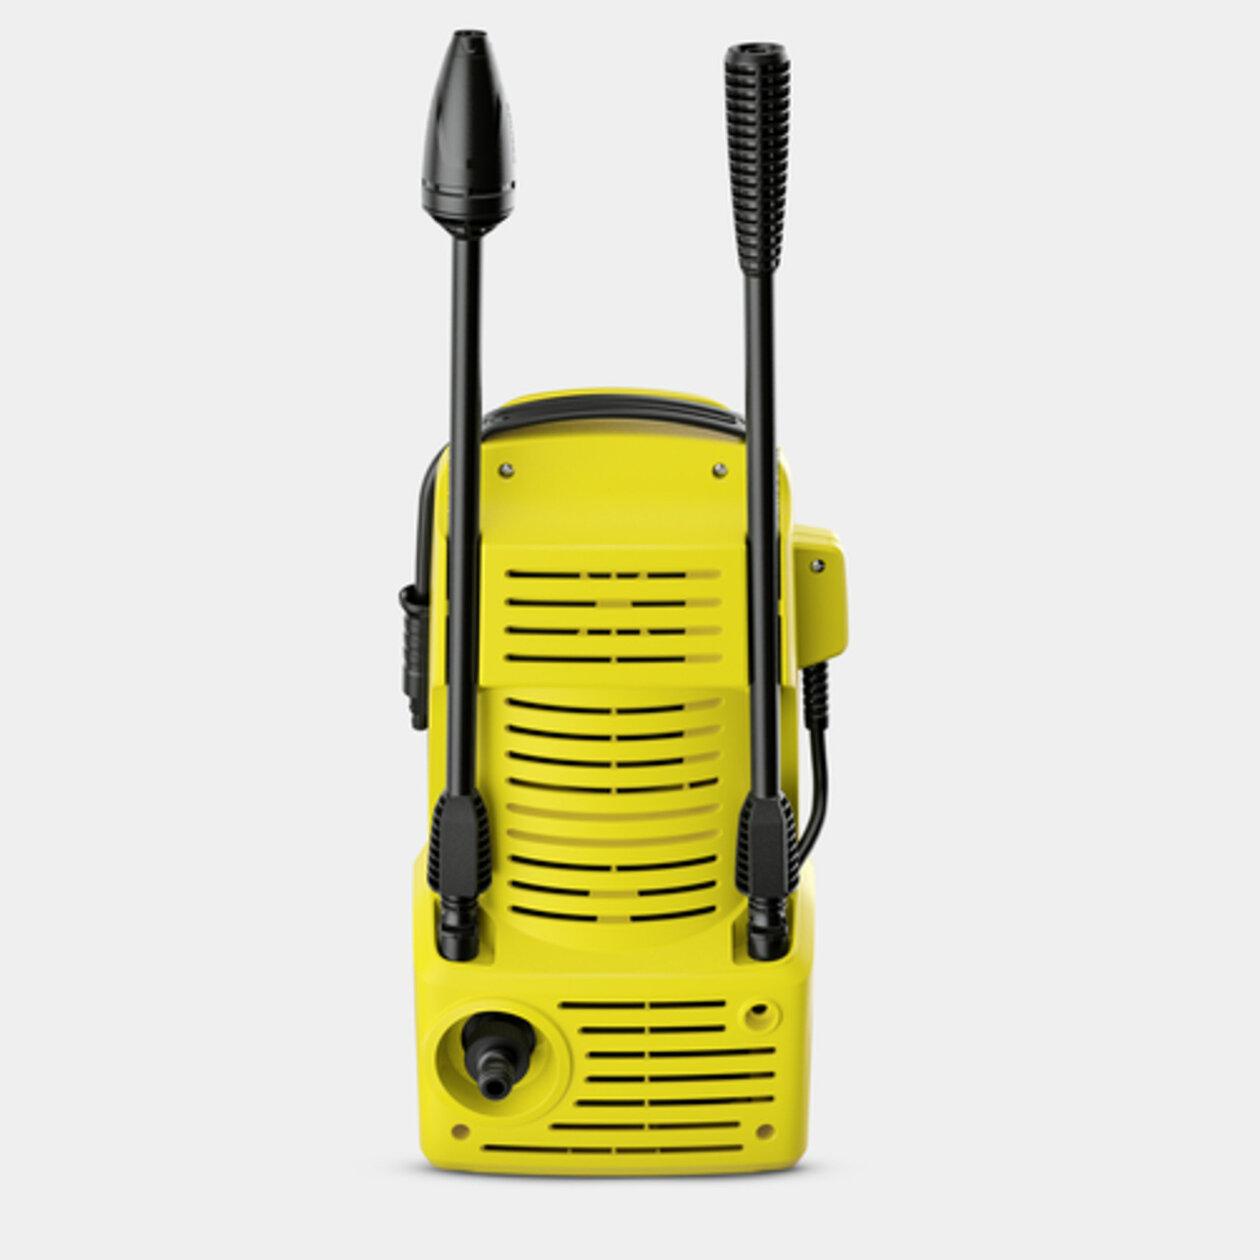 Міні-мийка K 2 Compact Relaunch: Зберігання аксесуарів на апараті